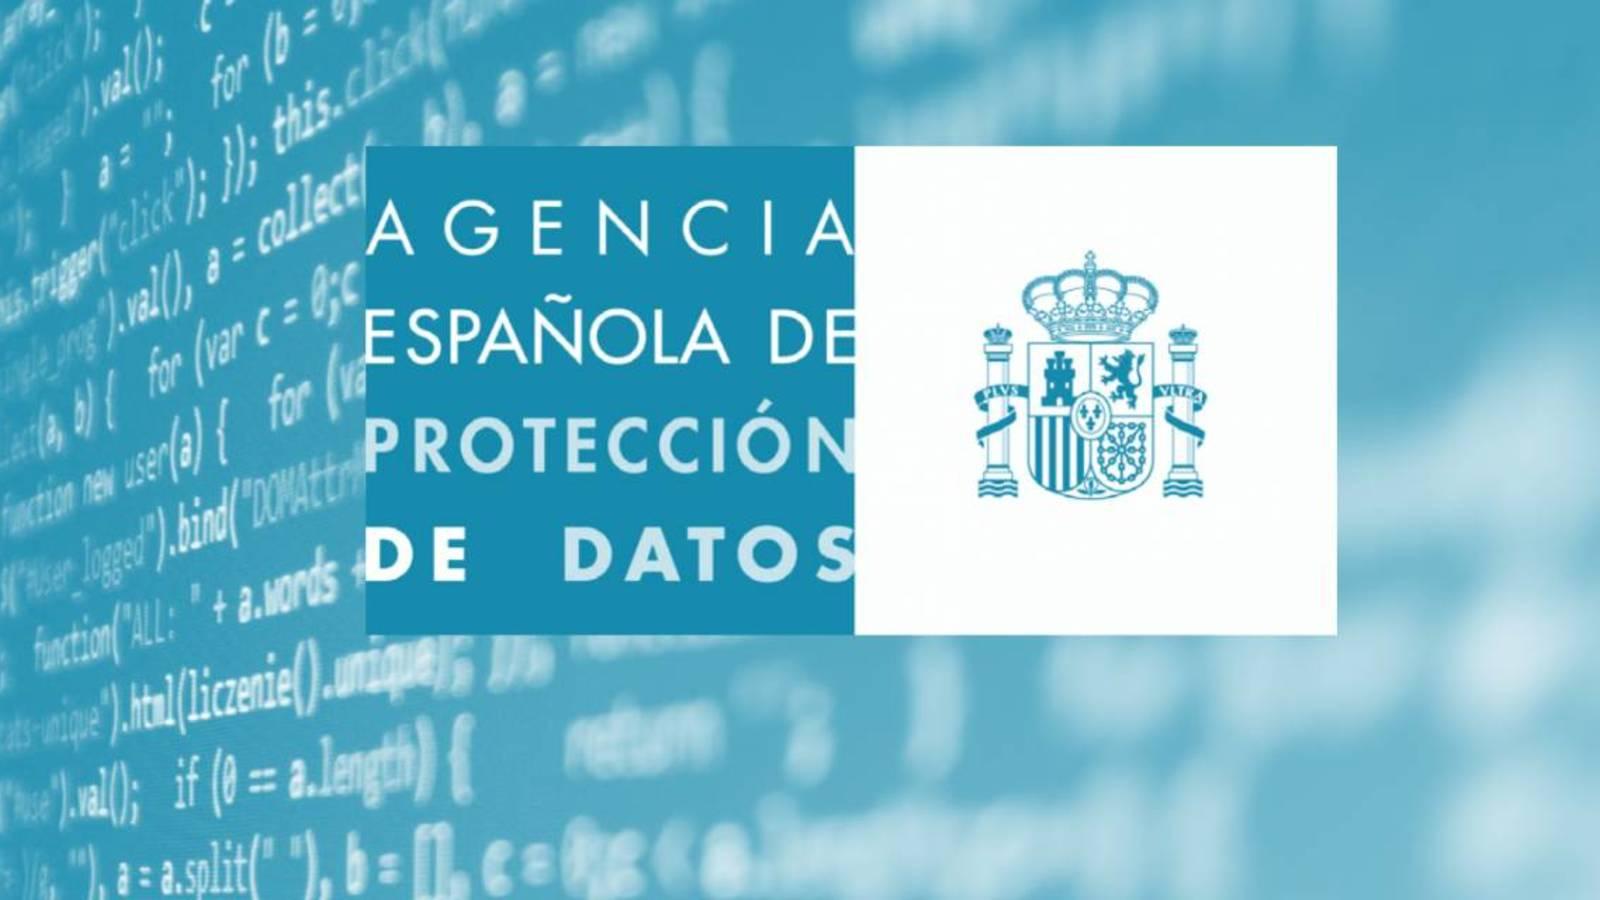 Protección de Datos: Novedades legales para empresas y autónomos (Enero 2021)